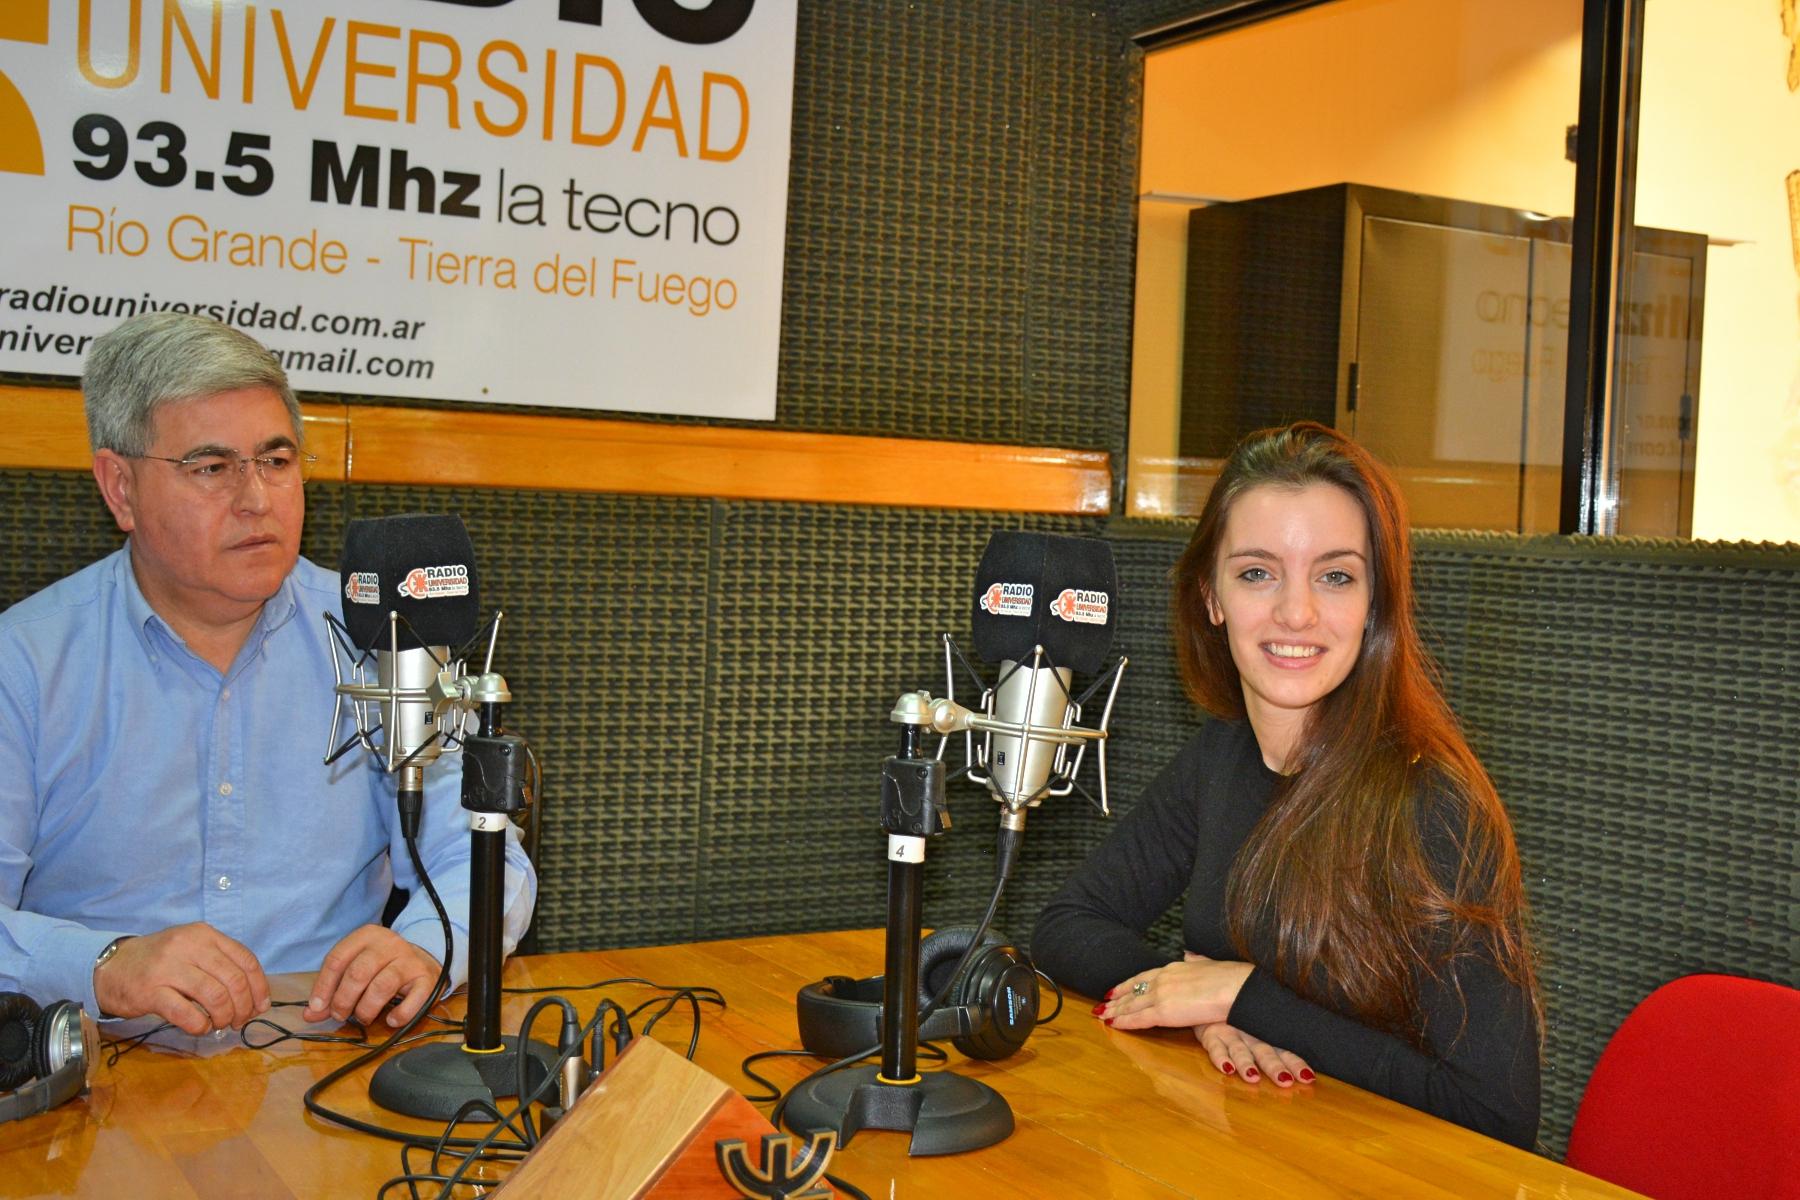 La Campeona Mundial de Tango Agustina Piaggio visitó los estudios de Radio Universidad